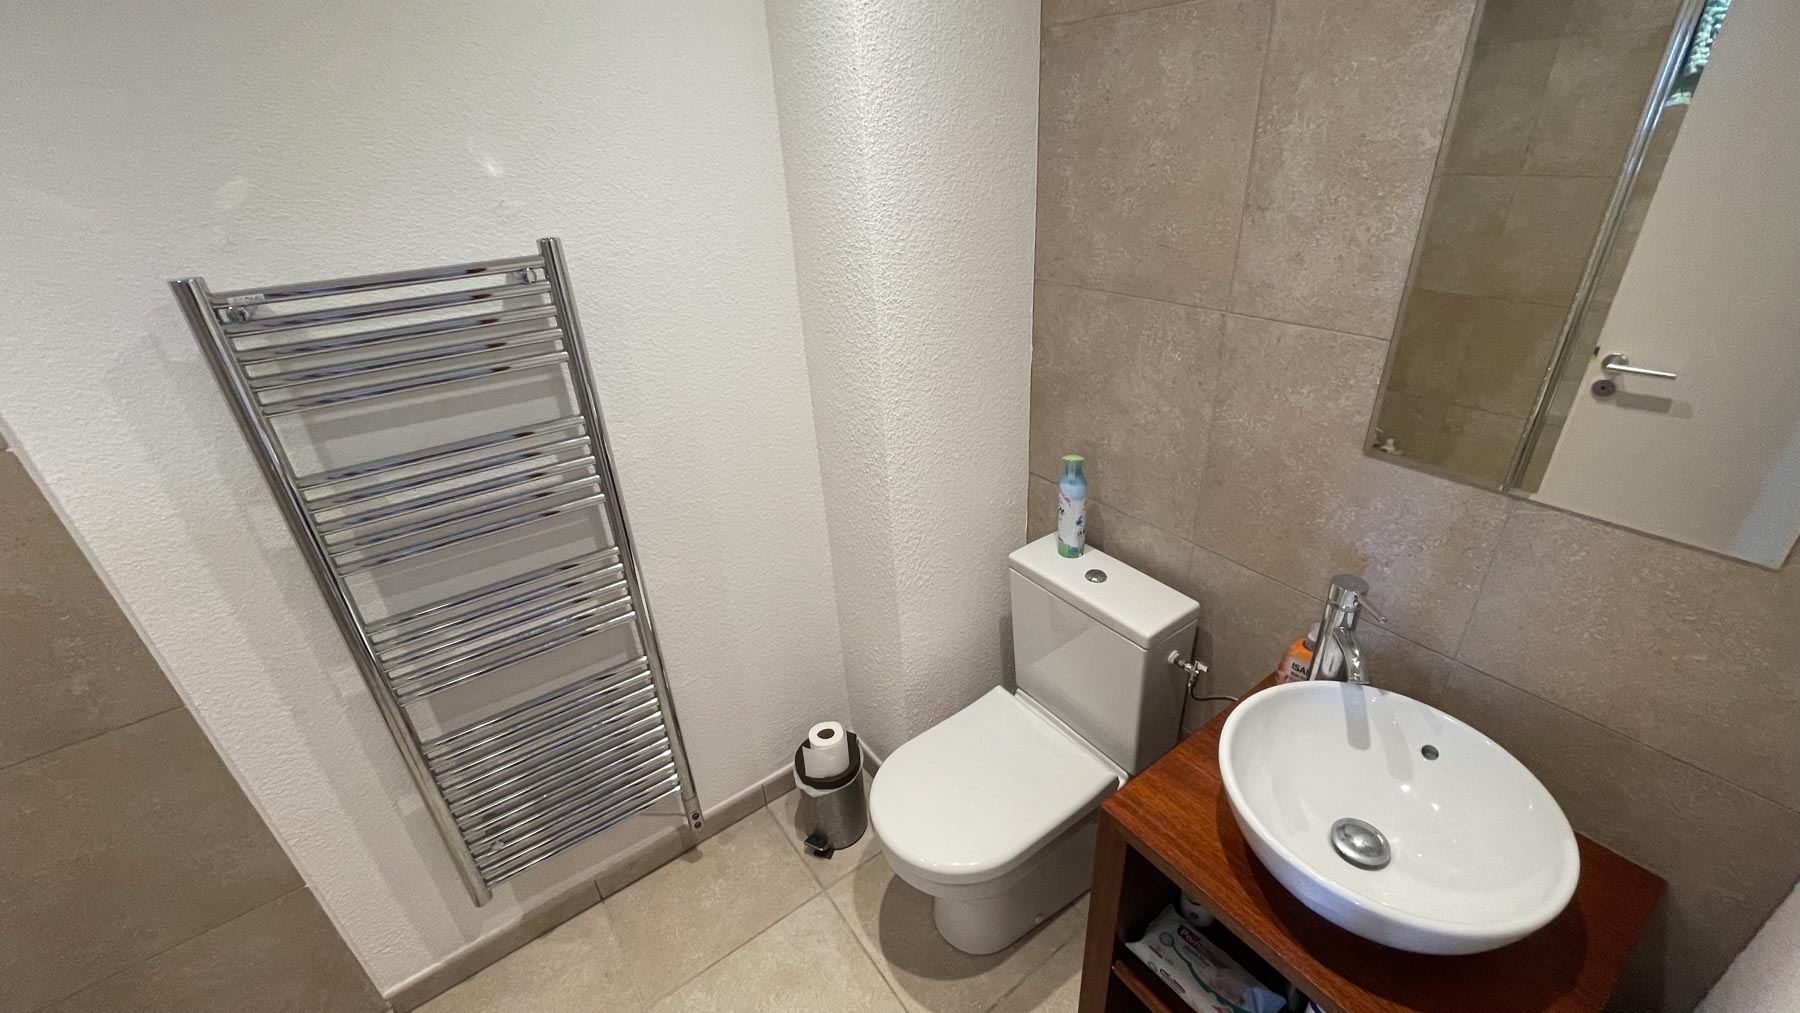 Pavillions 1 Family Shower Room